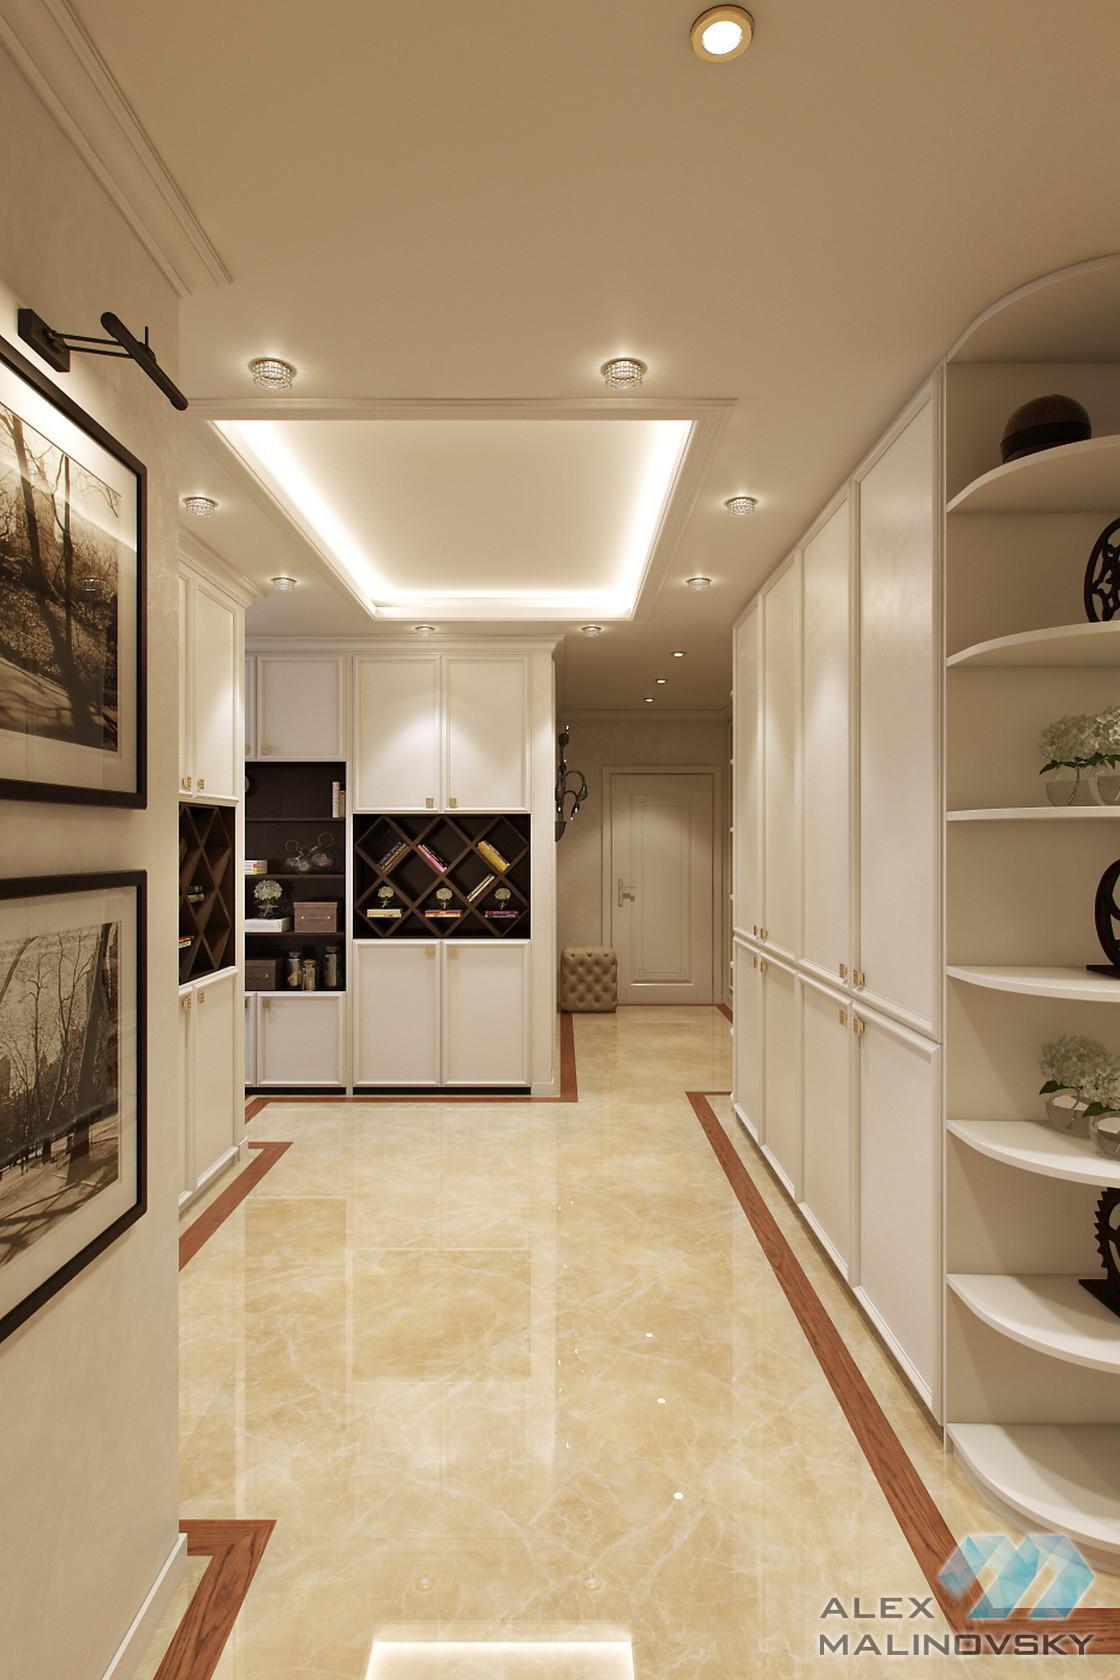 Прихожая, 3х комнатная квартира, ул Генерала Белобородова, Москва